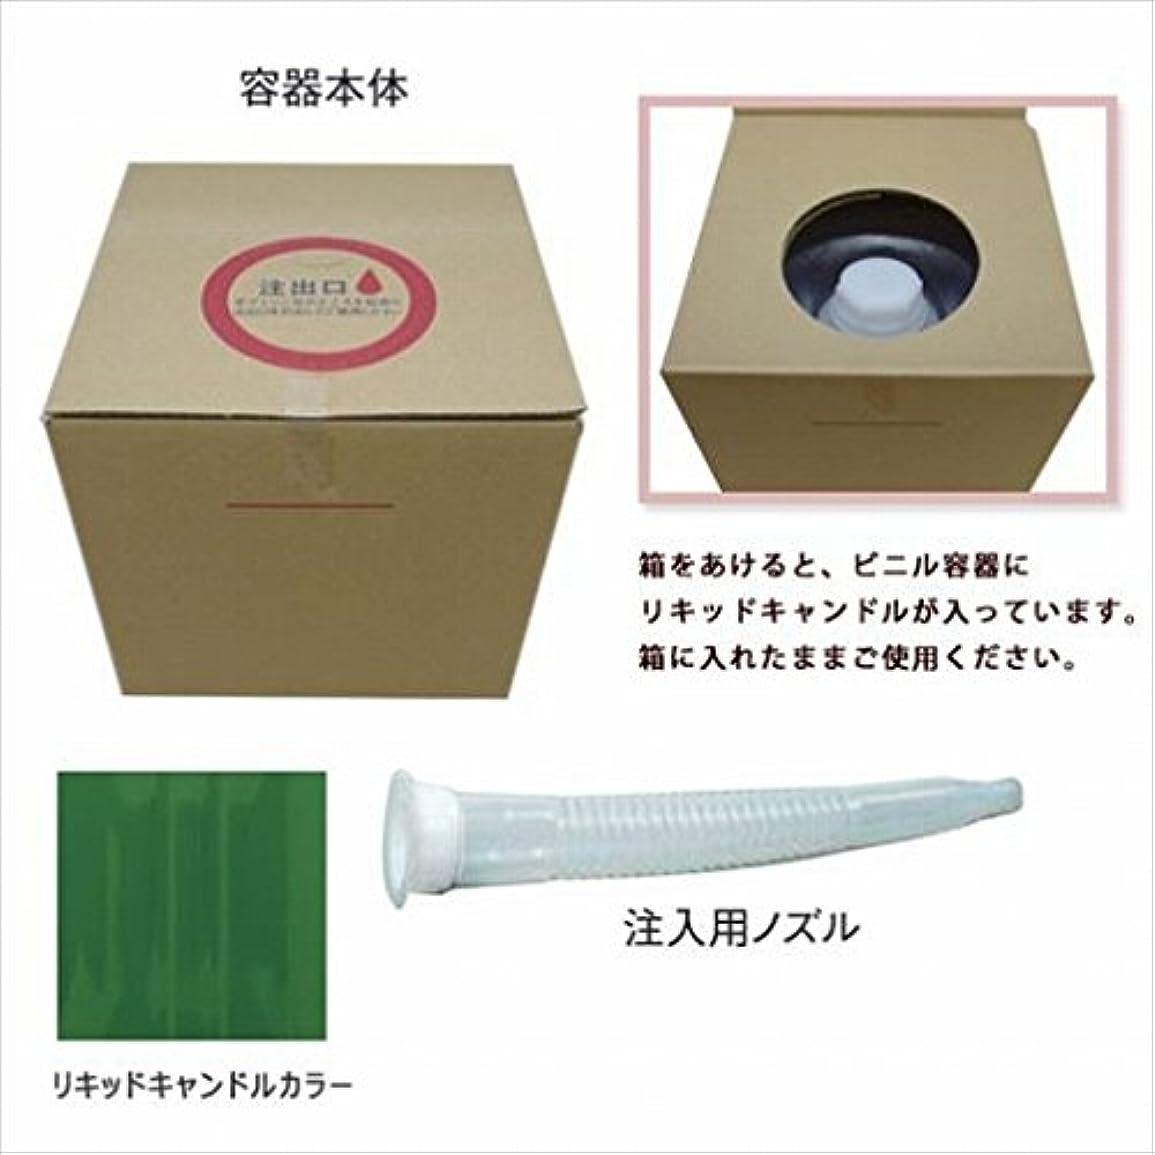 メタン意気消沈したハイキングカメヤマキャンドル(kameyama candle) リキッドキャンドル5リットル 「 グリーン 」